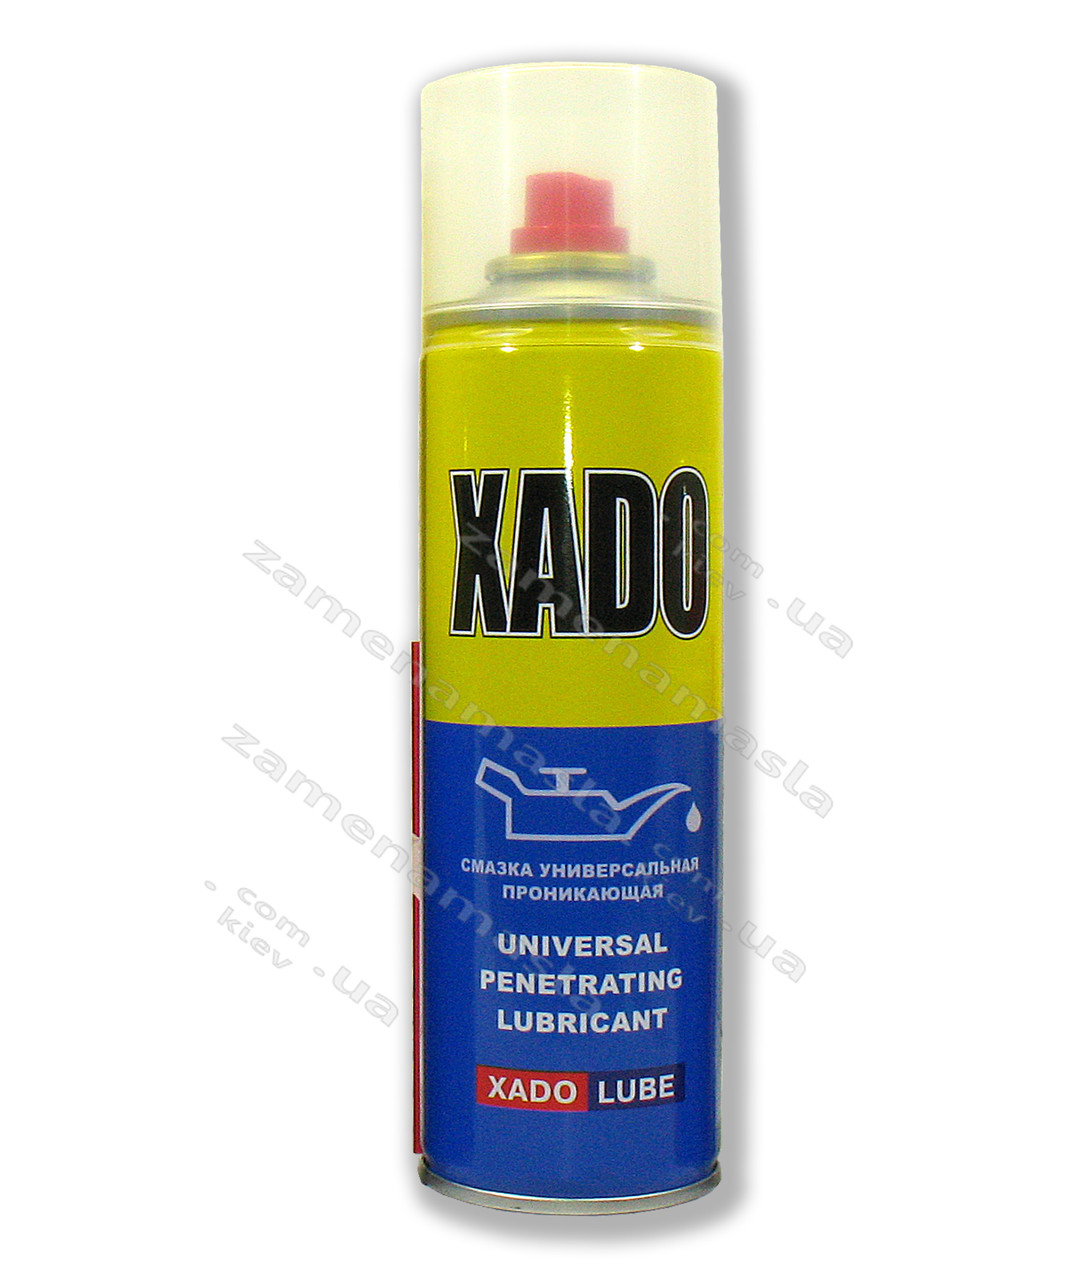 XADO универсальная проникающая смазка-спрей 300мл